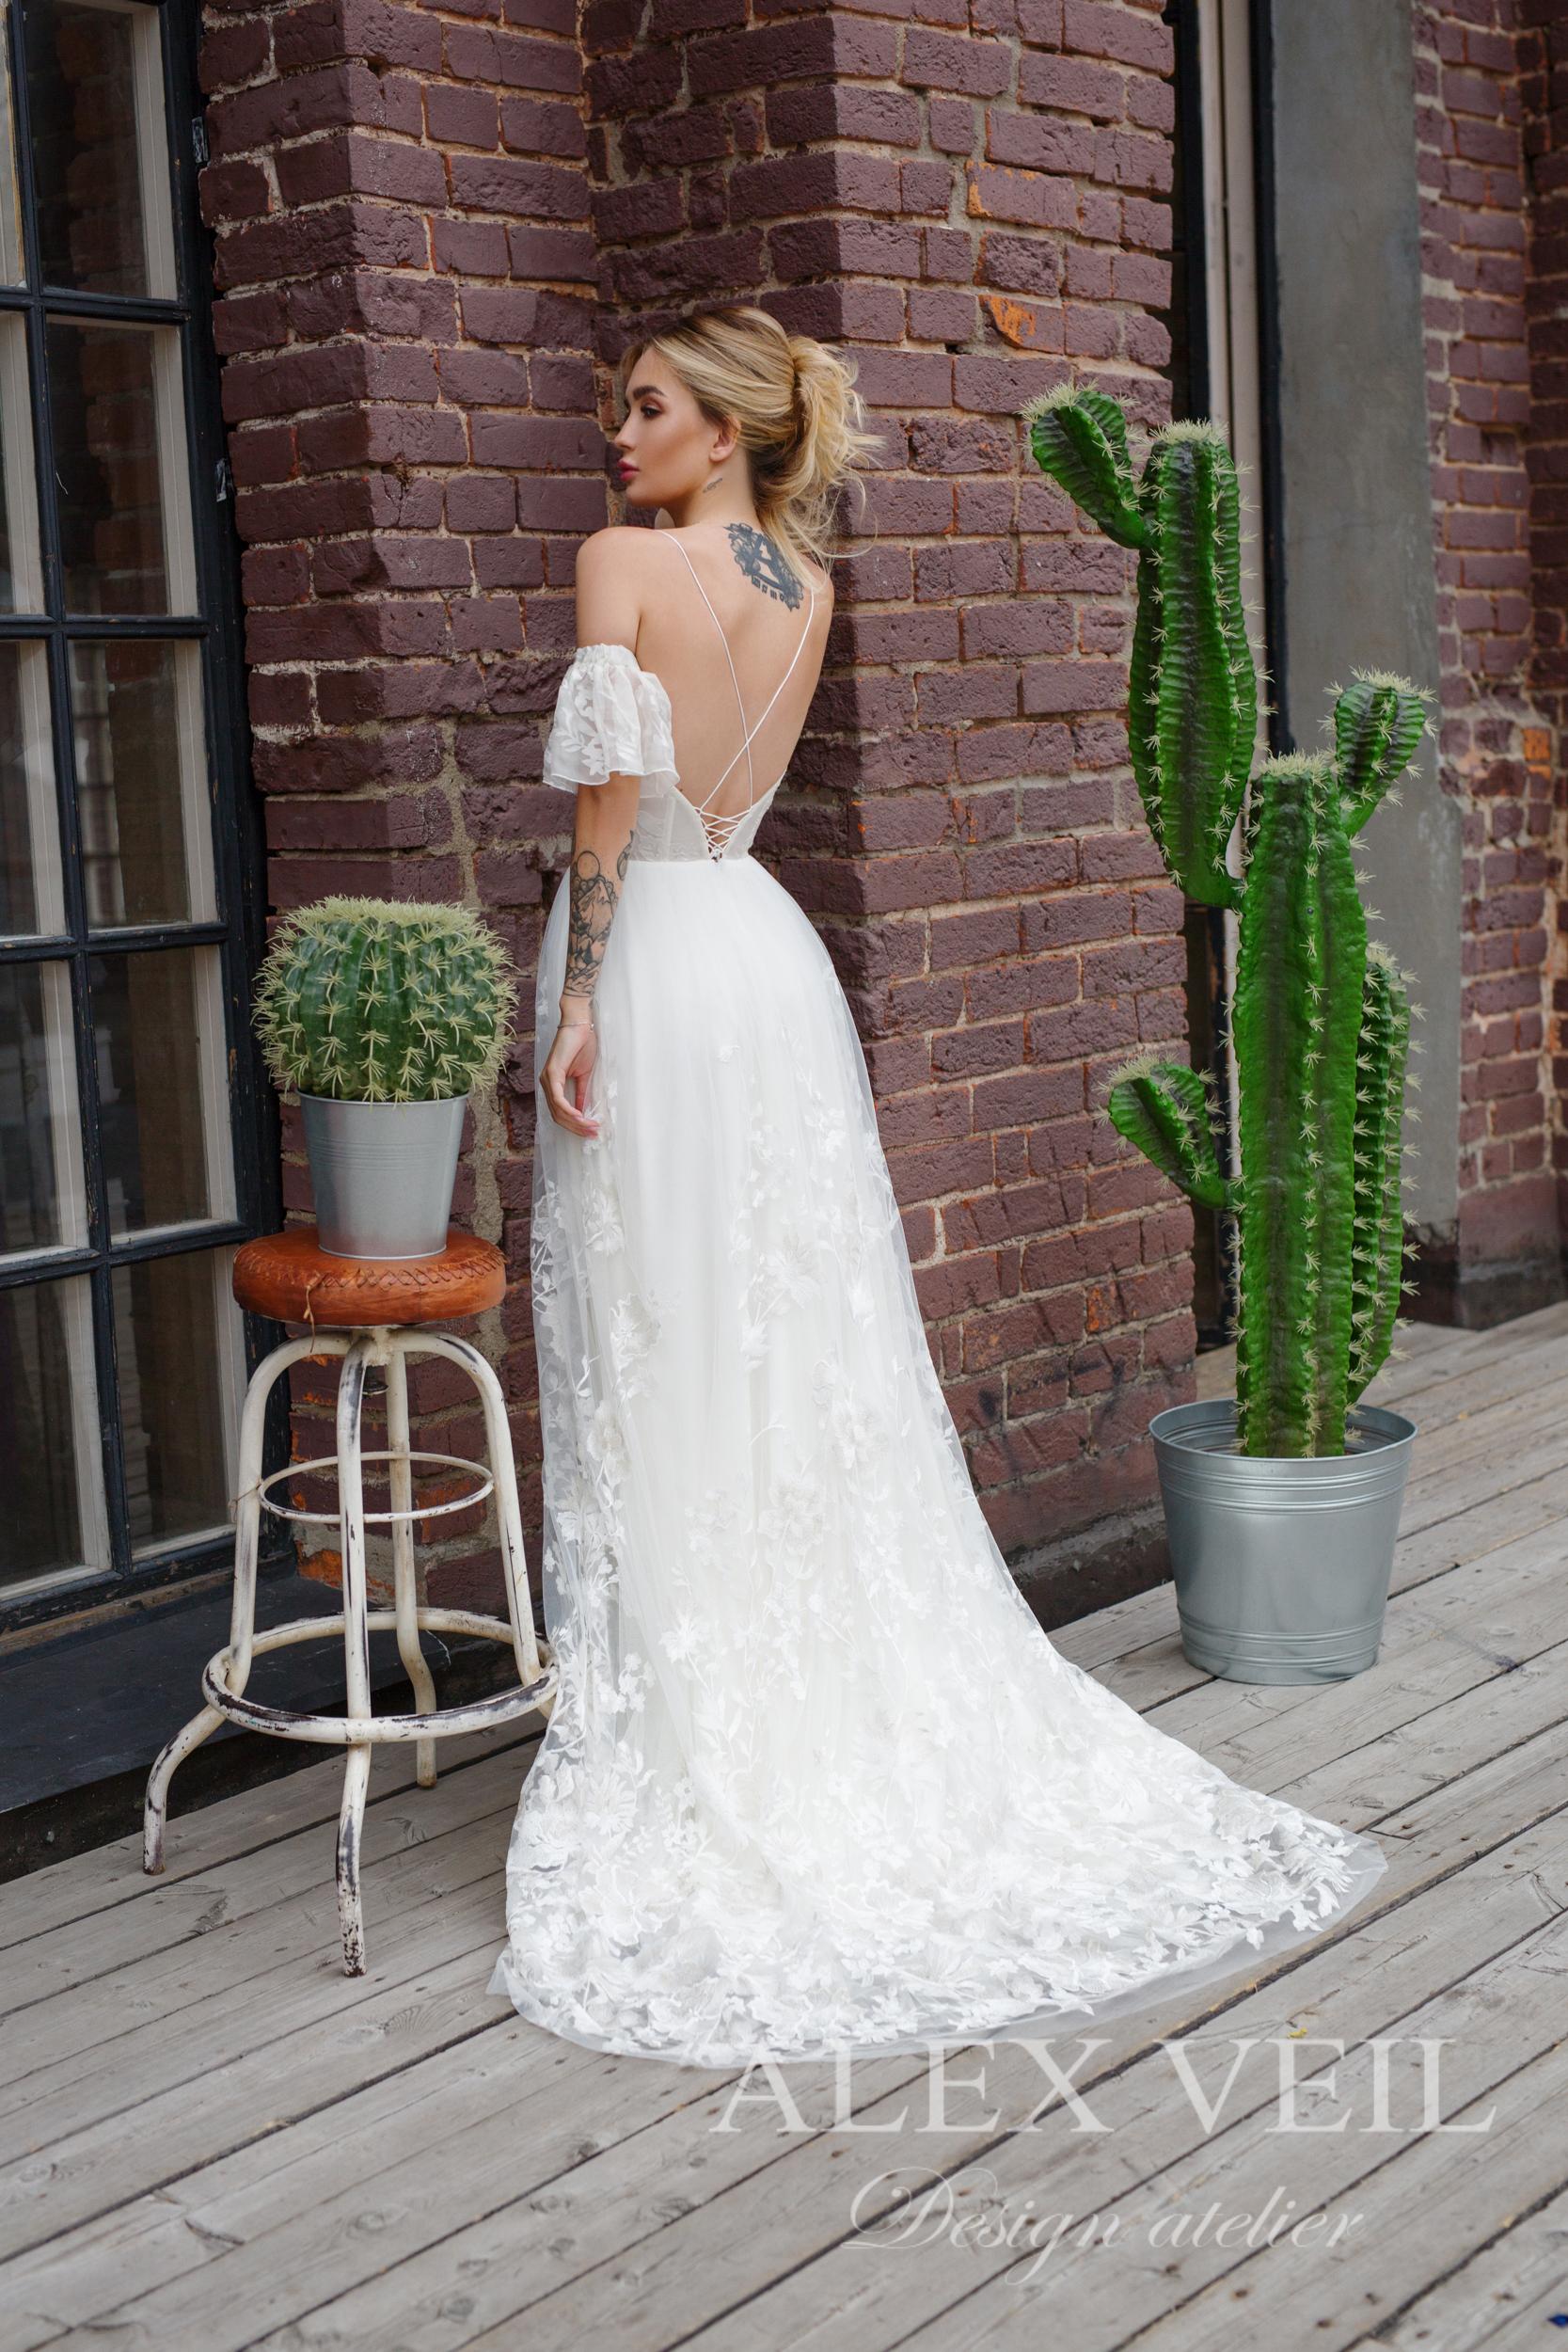 215fe15e323 ... Необычное свадебное платье с открытой спиной Николь от алекс веил  Дизайнерское свадебное платье с кружевной ...